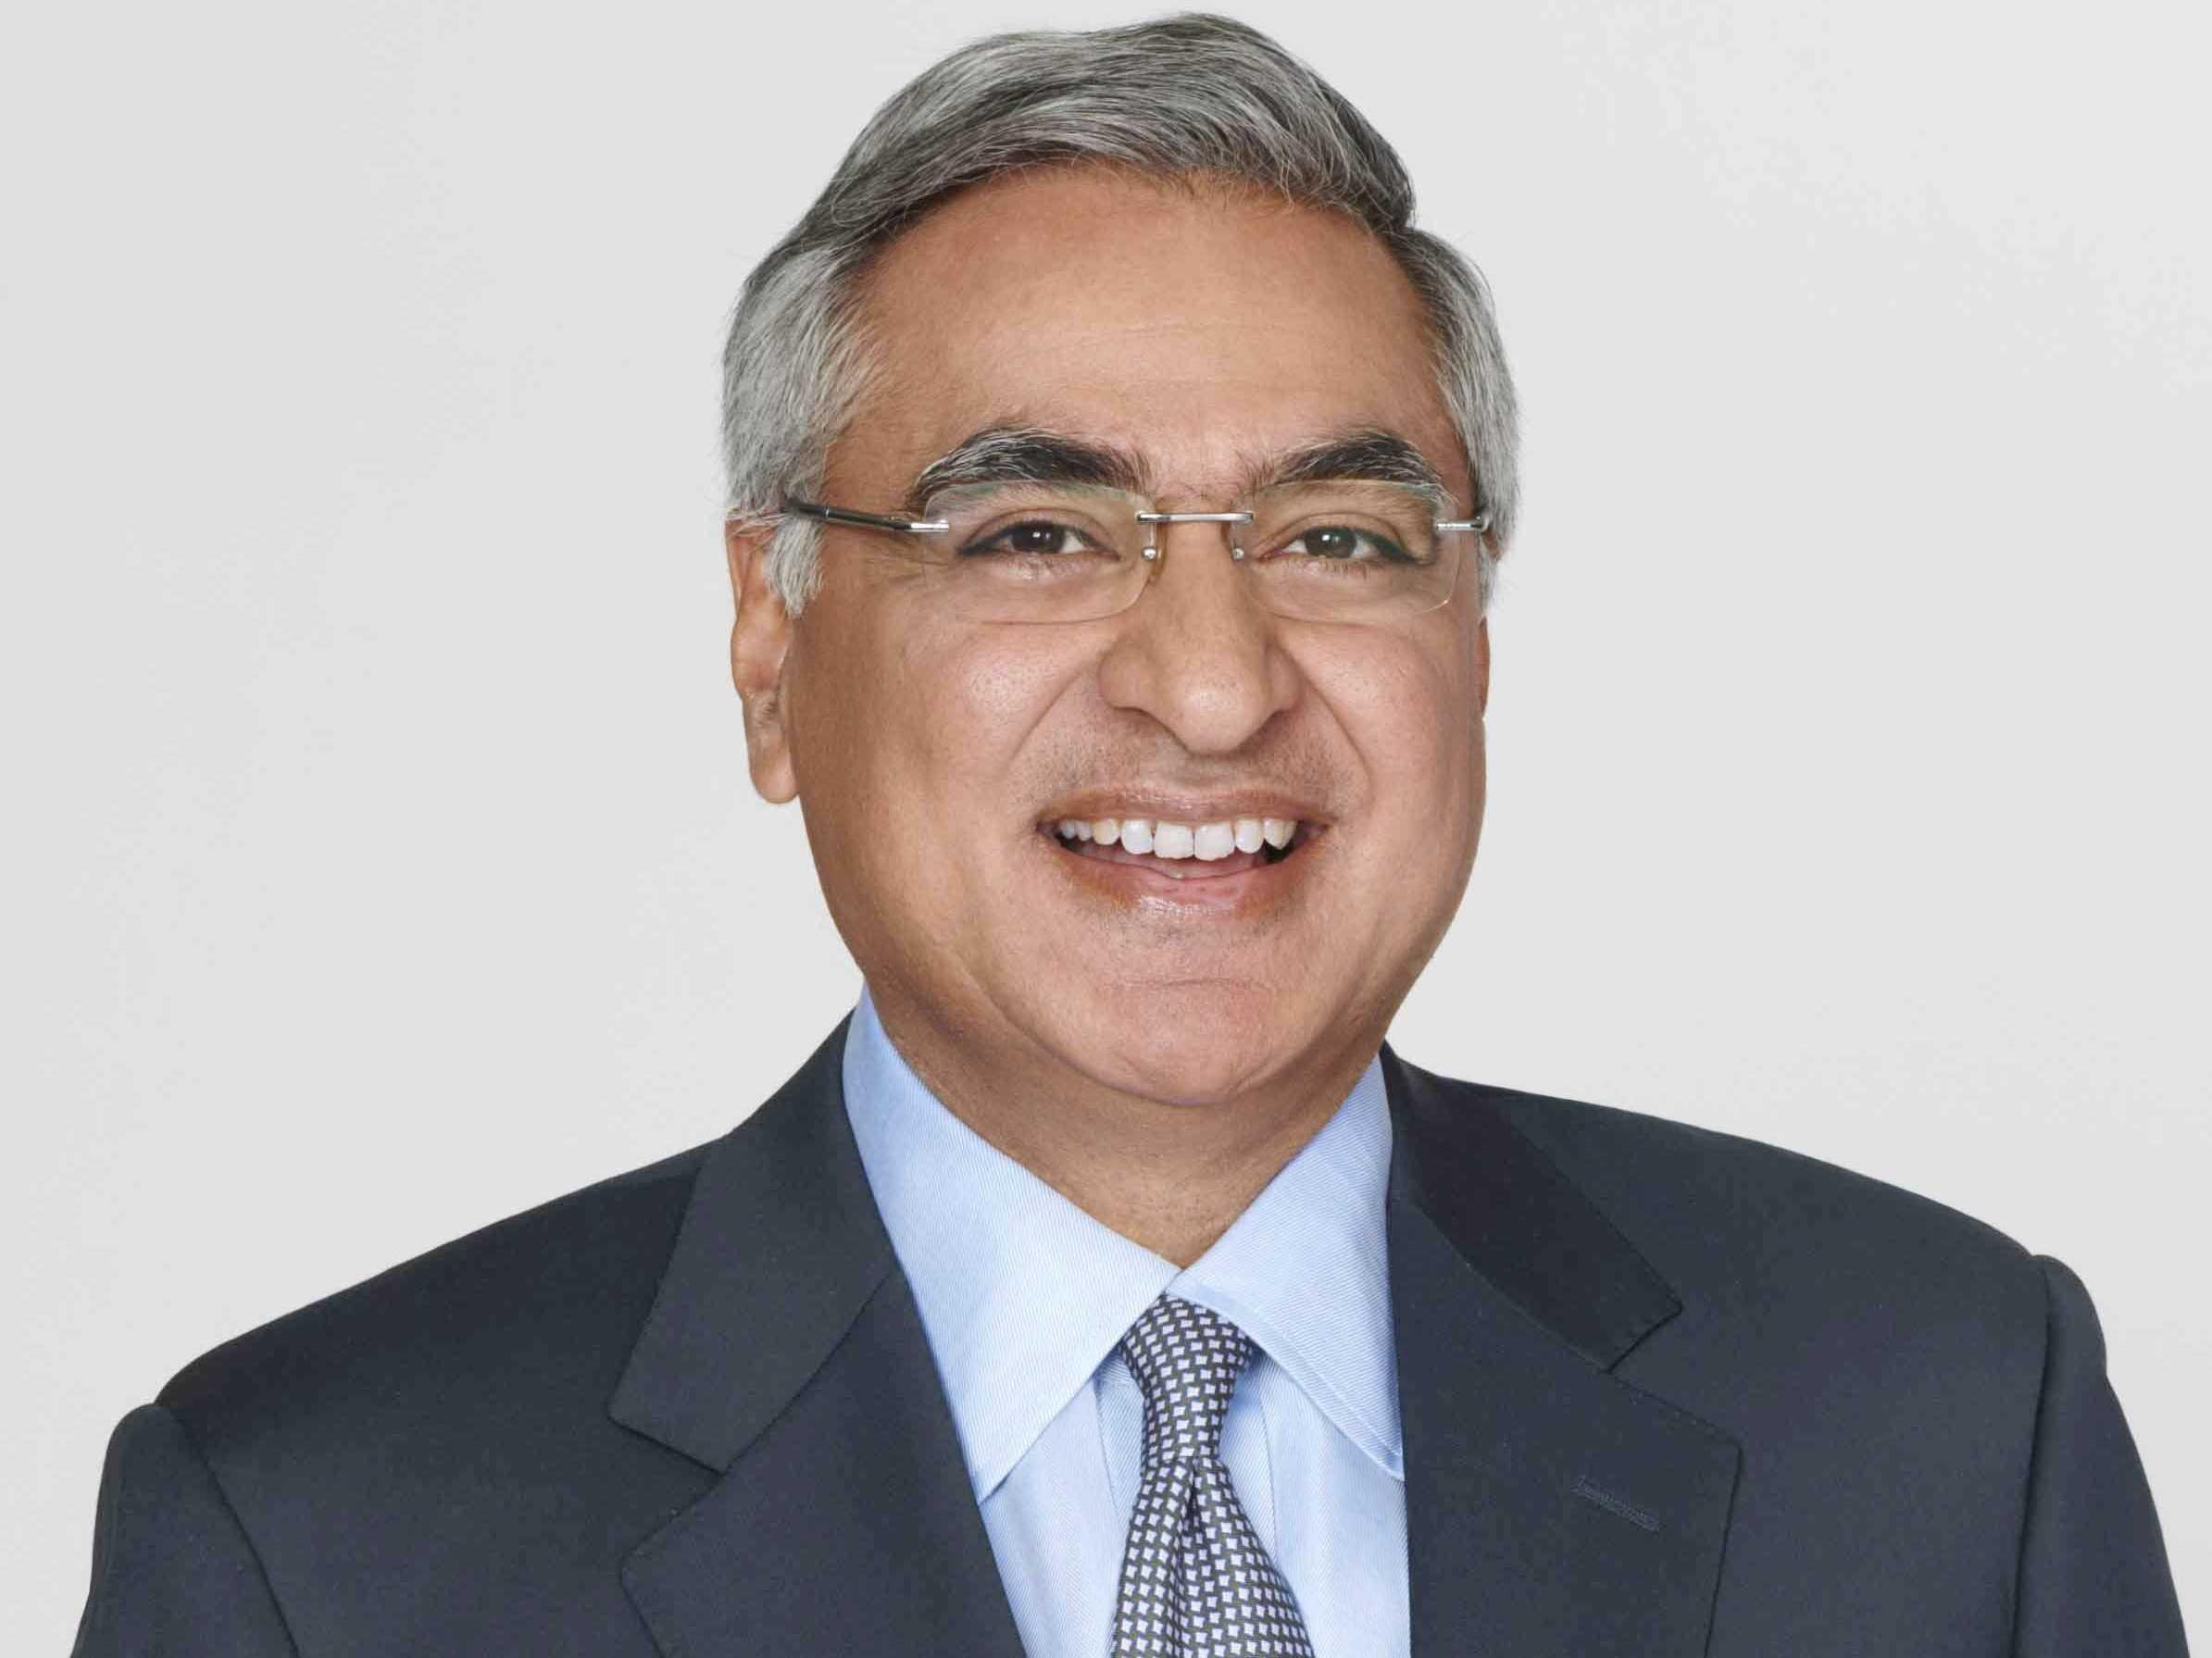 Salman Amin